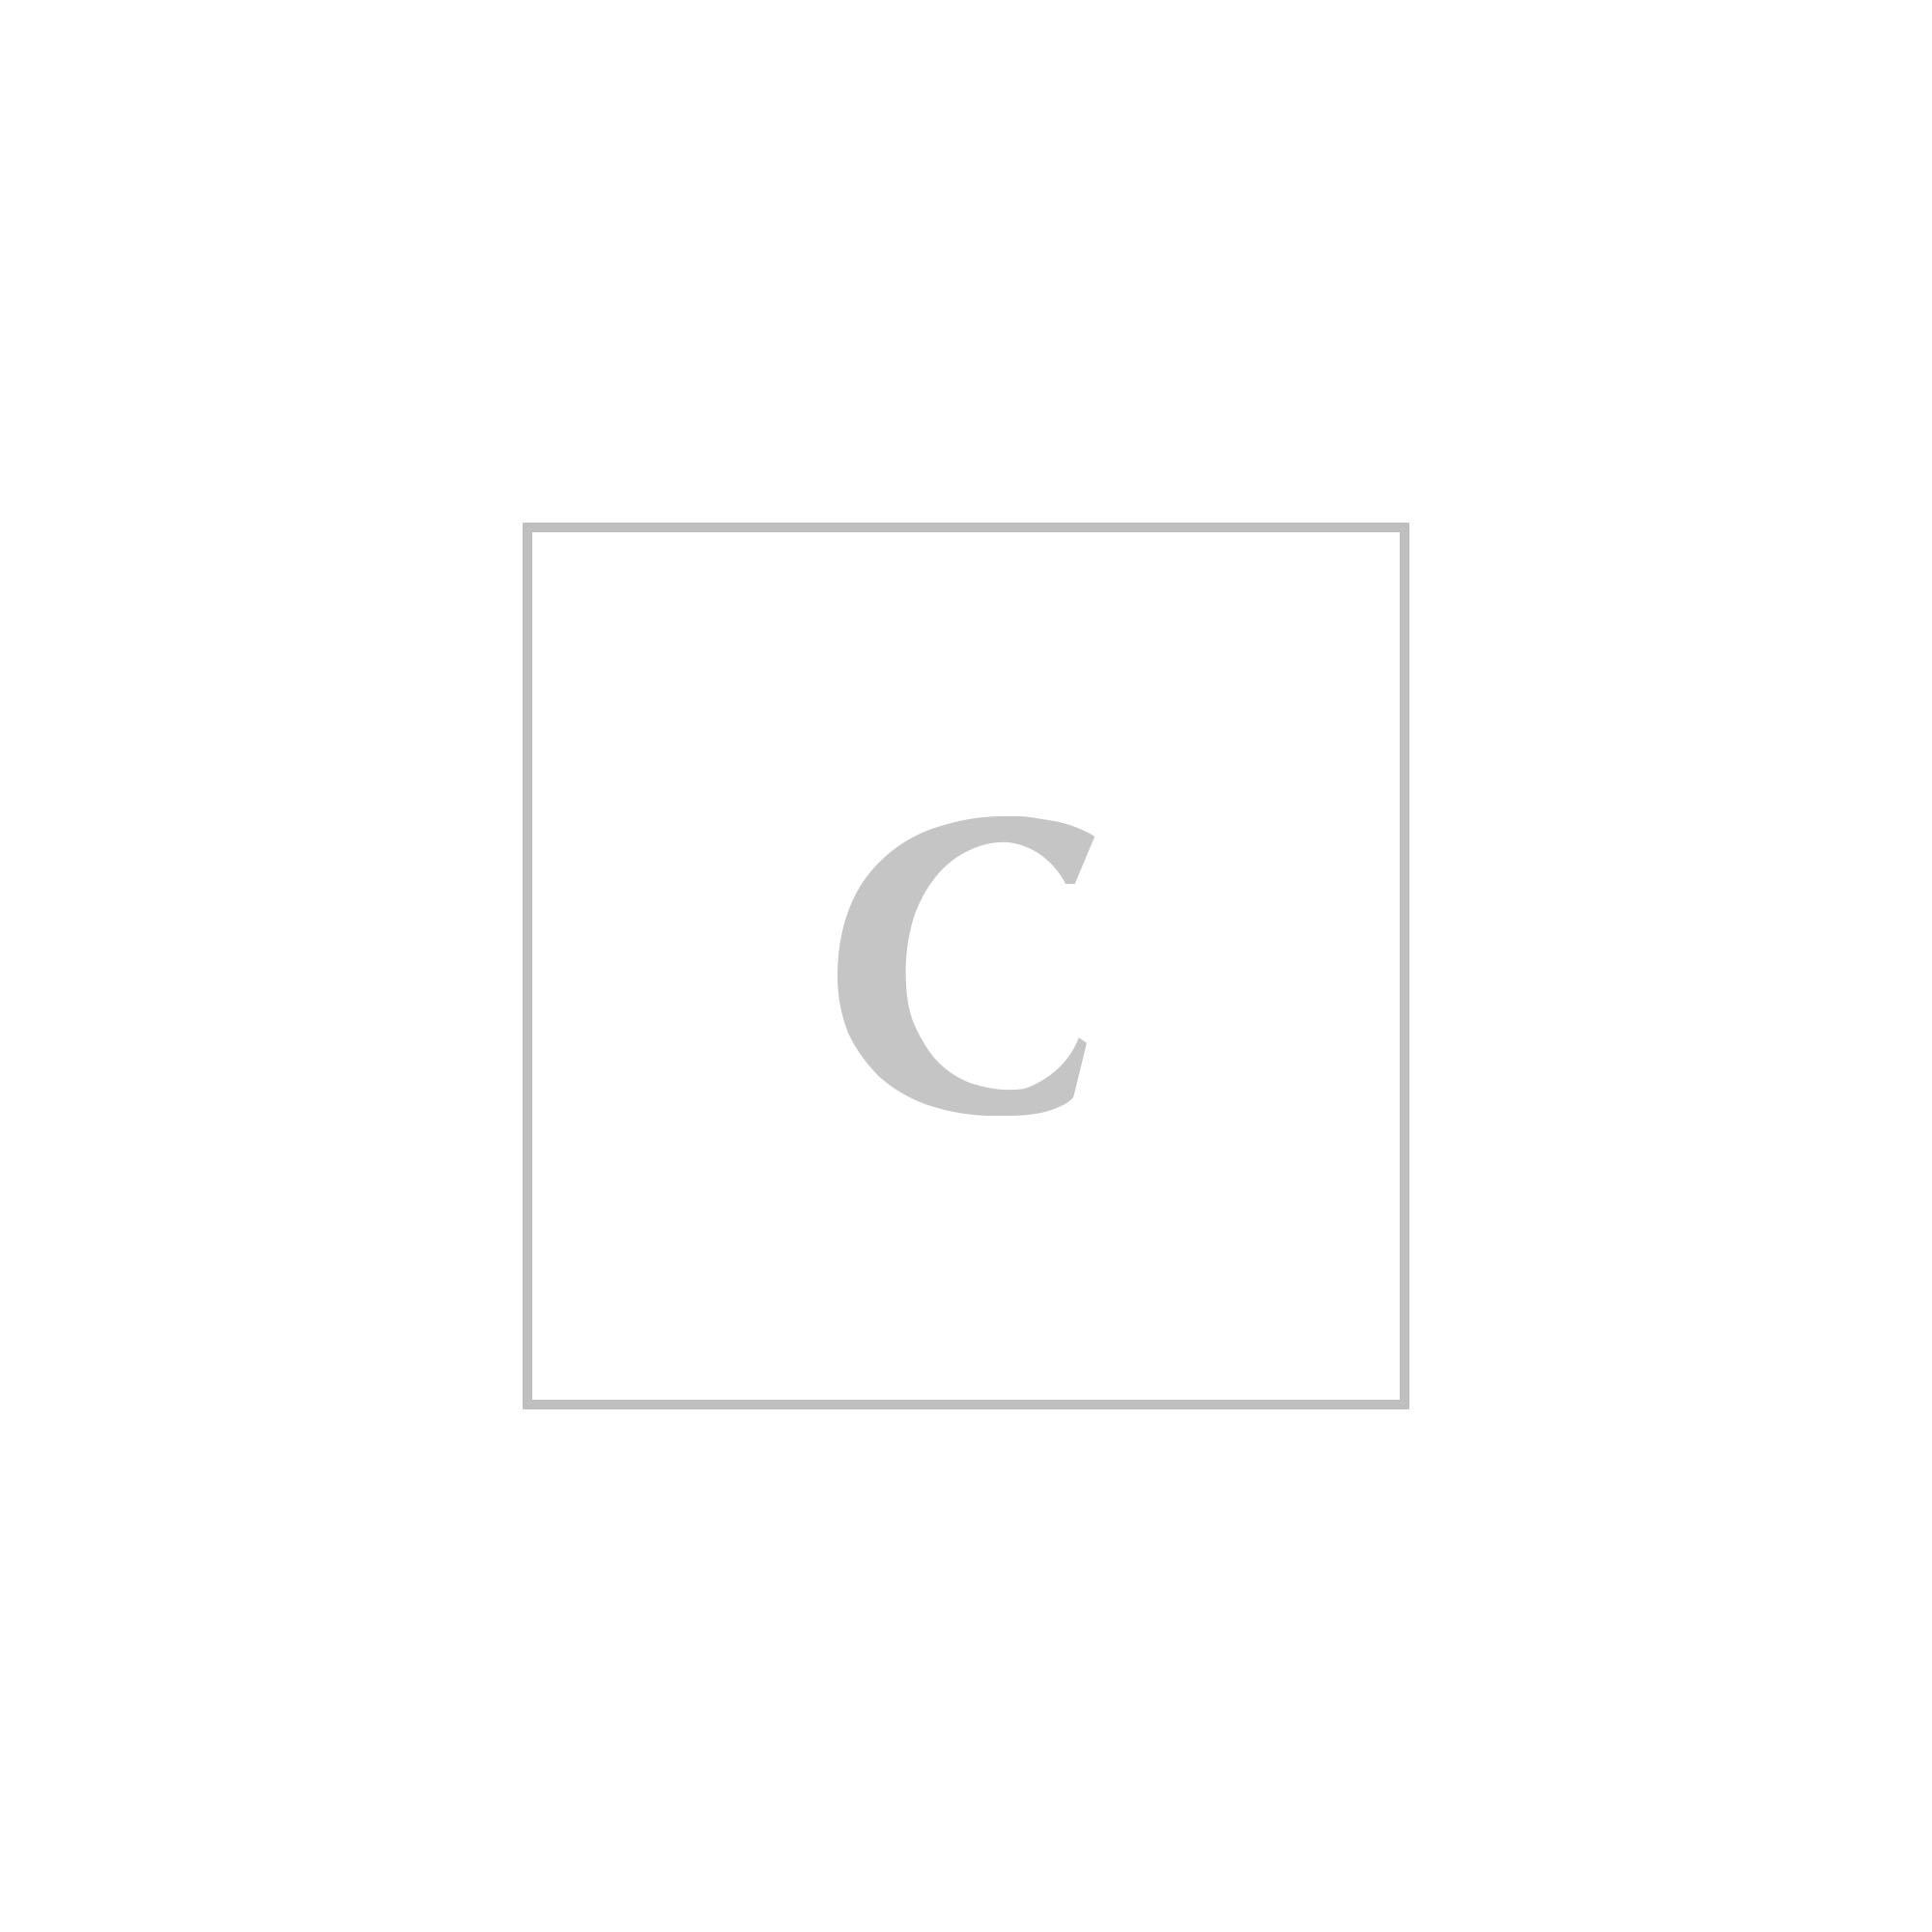 chloe' borse donna borsa  aby lock small stampa coccodrillo